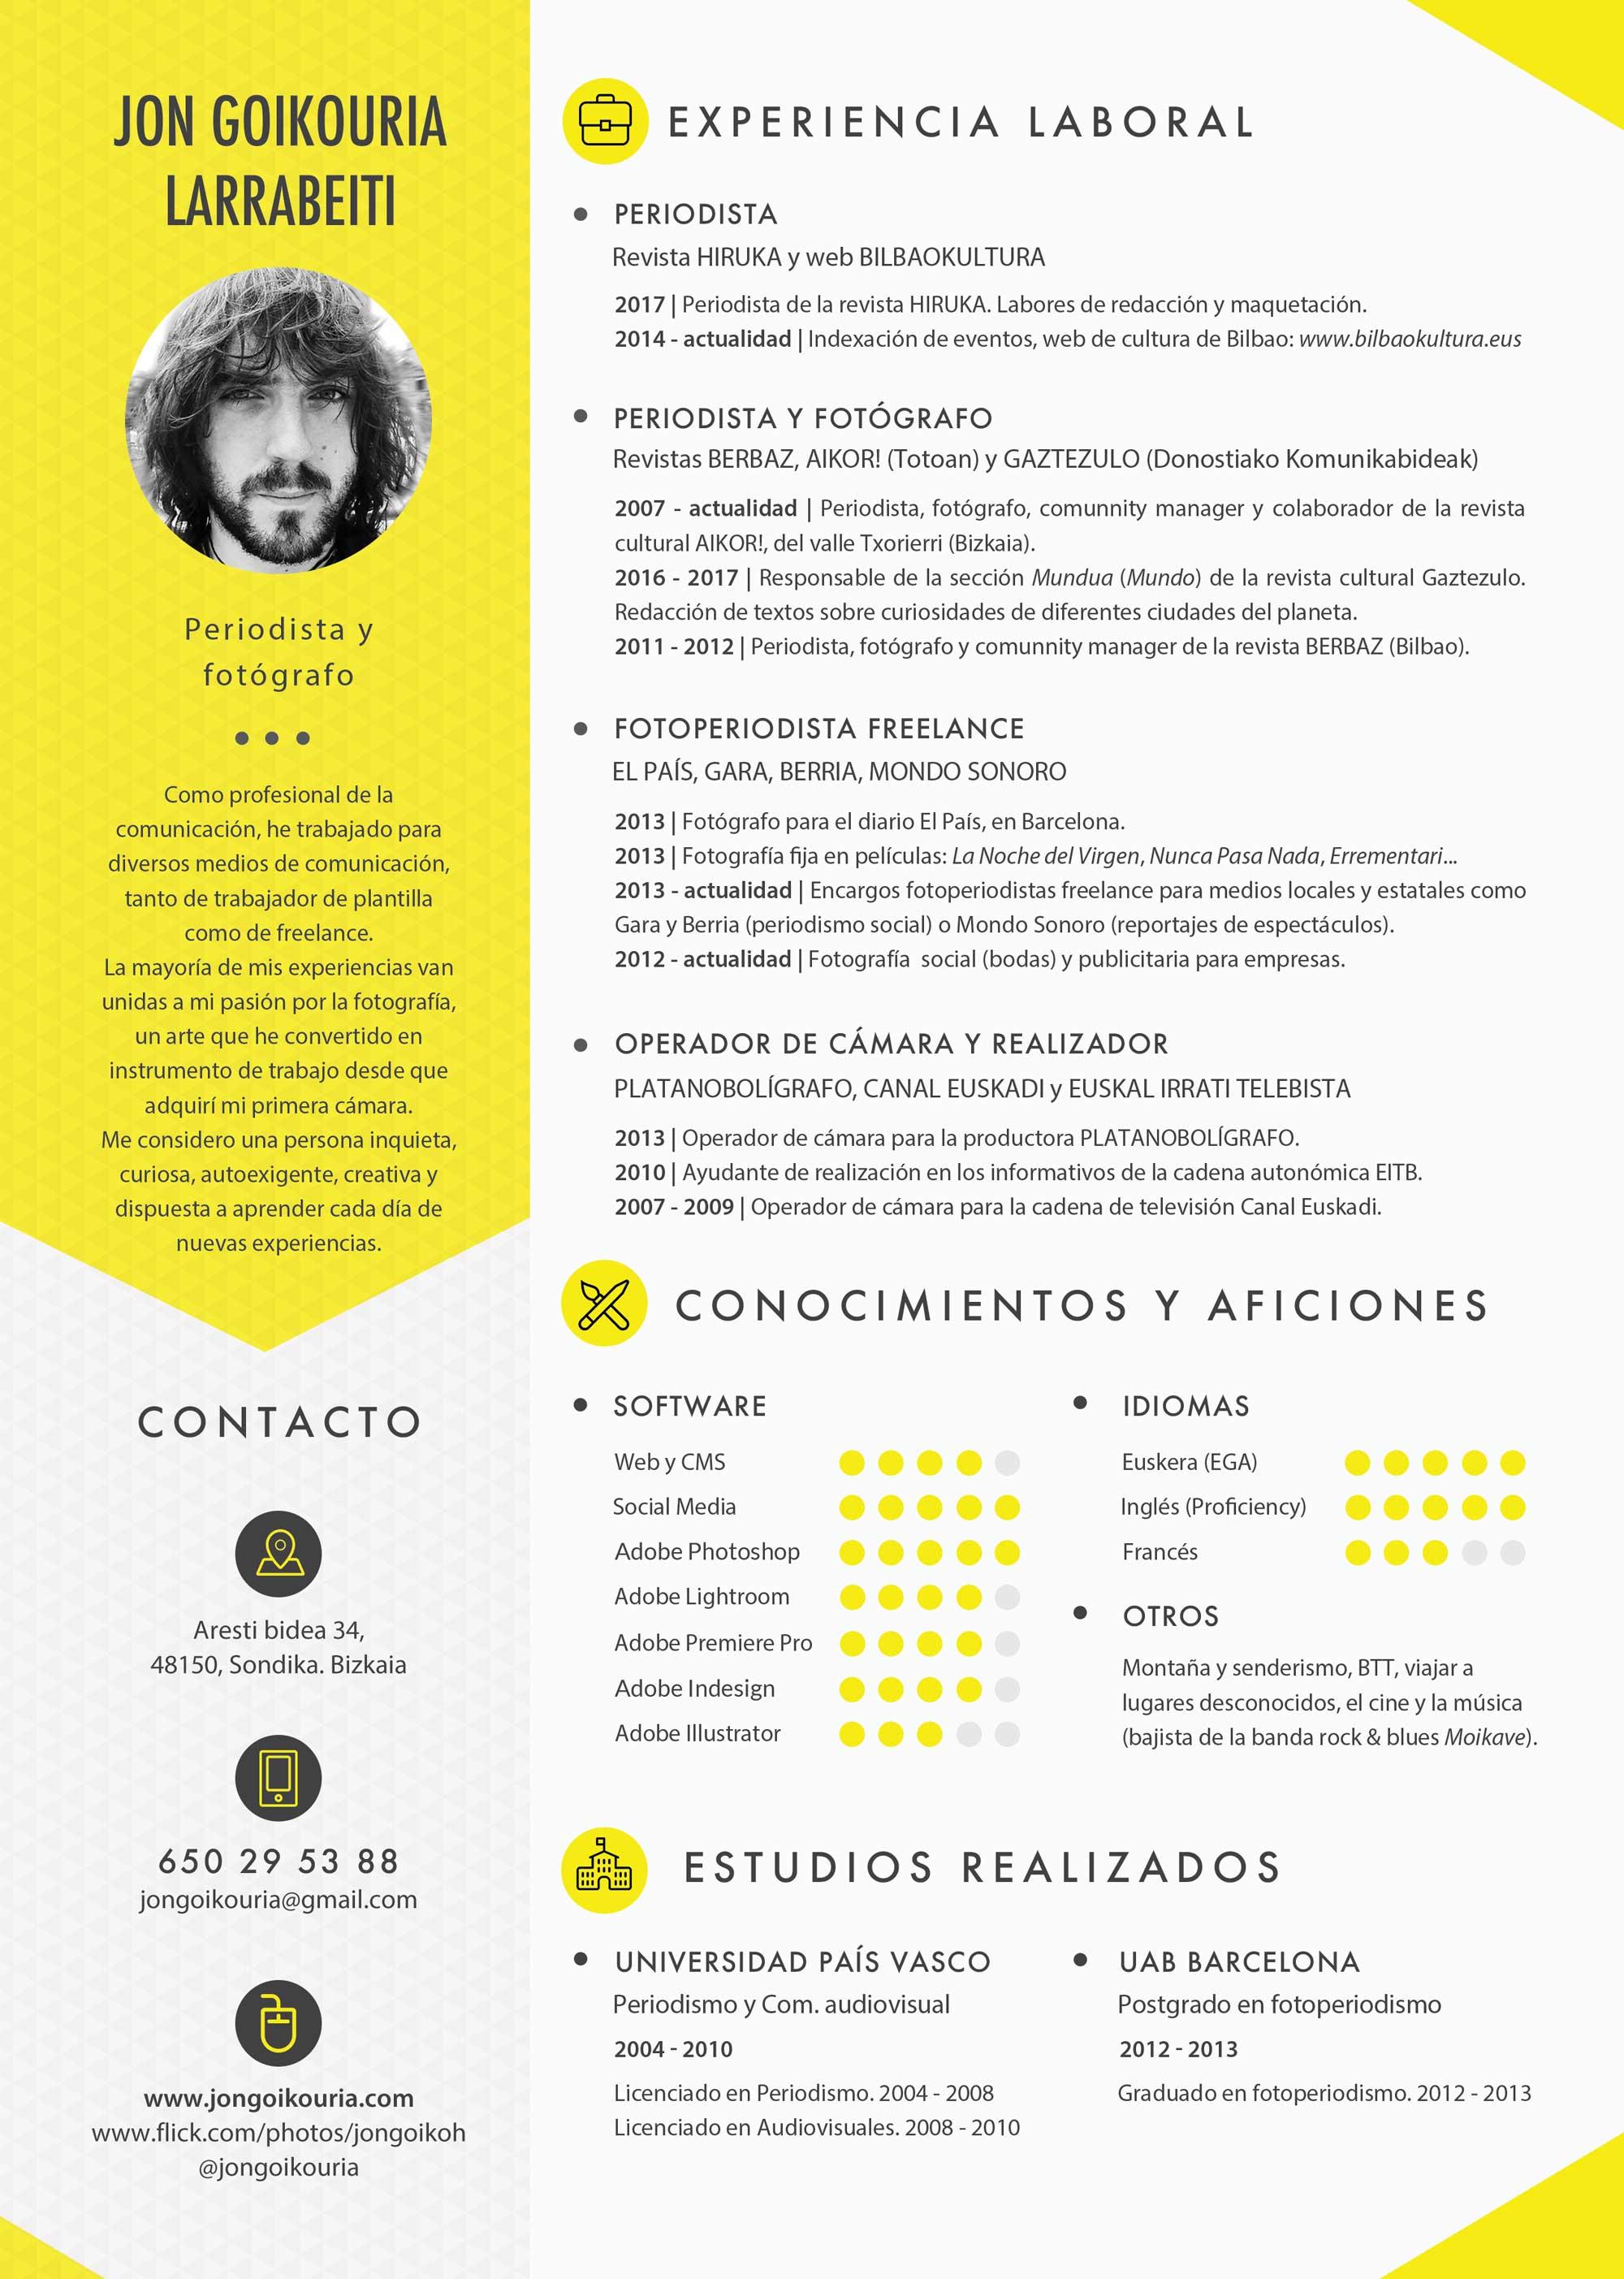 Asombroso Currículum Para Fotógrafo Bandera - Ejemplo De Colección ...